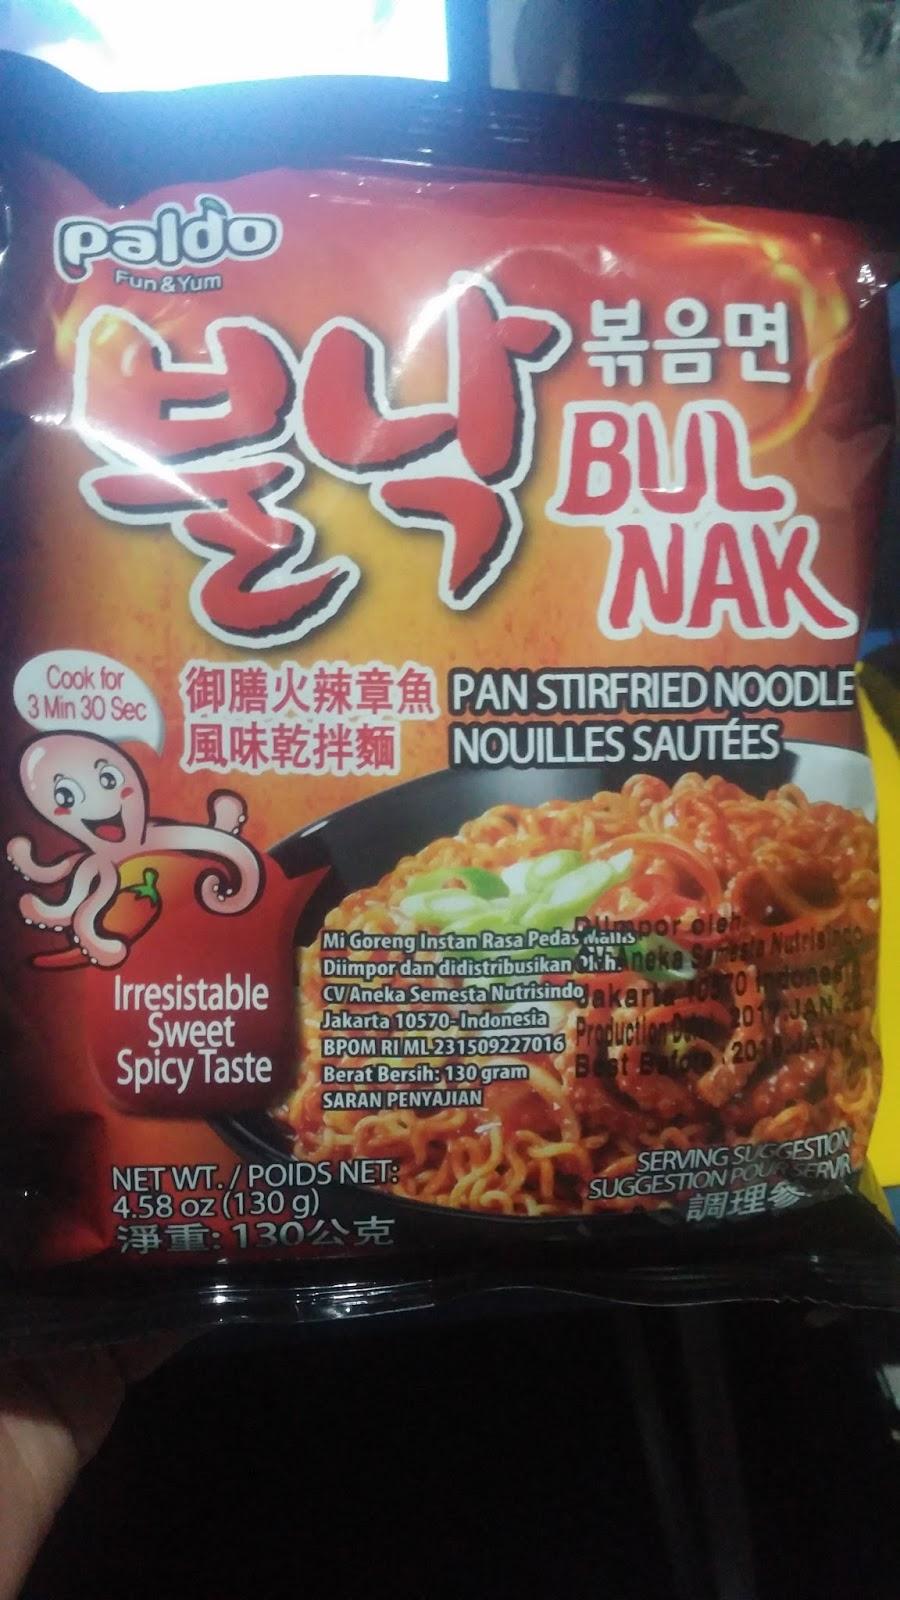 Paldo Bulnak Bokkummyun Hot Spicy Octopus Ramyun 4 X 130 Gram Spec Bowl Noodle Shrimp Flavor 86 Kira Beginilah Tampak Depannyabungkusnya Hitam Dan Merahditambah Gambar Guritanya Biar Mendukung